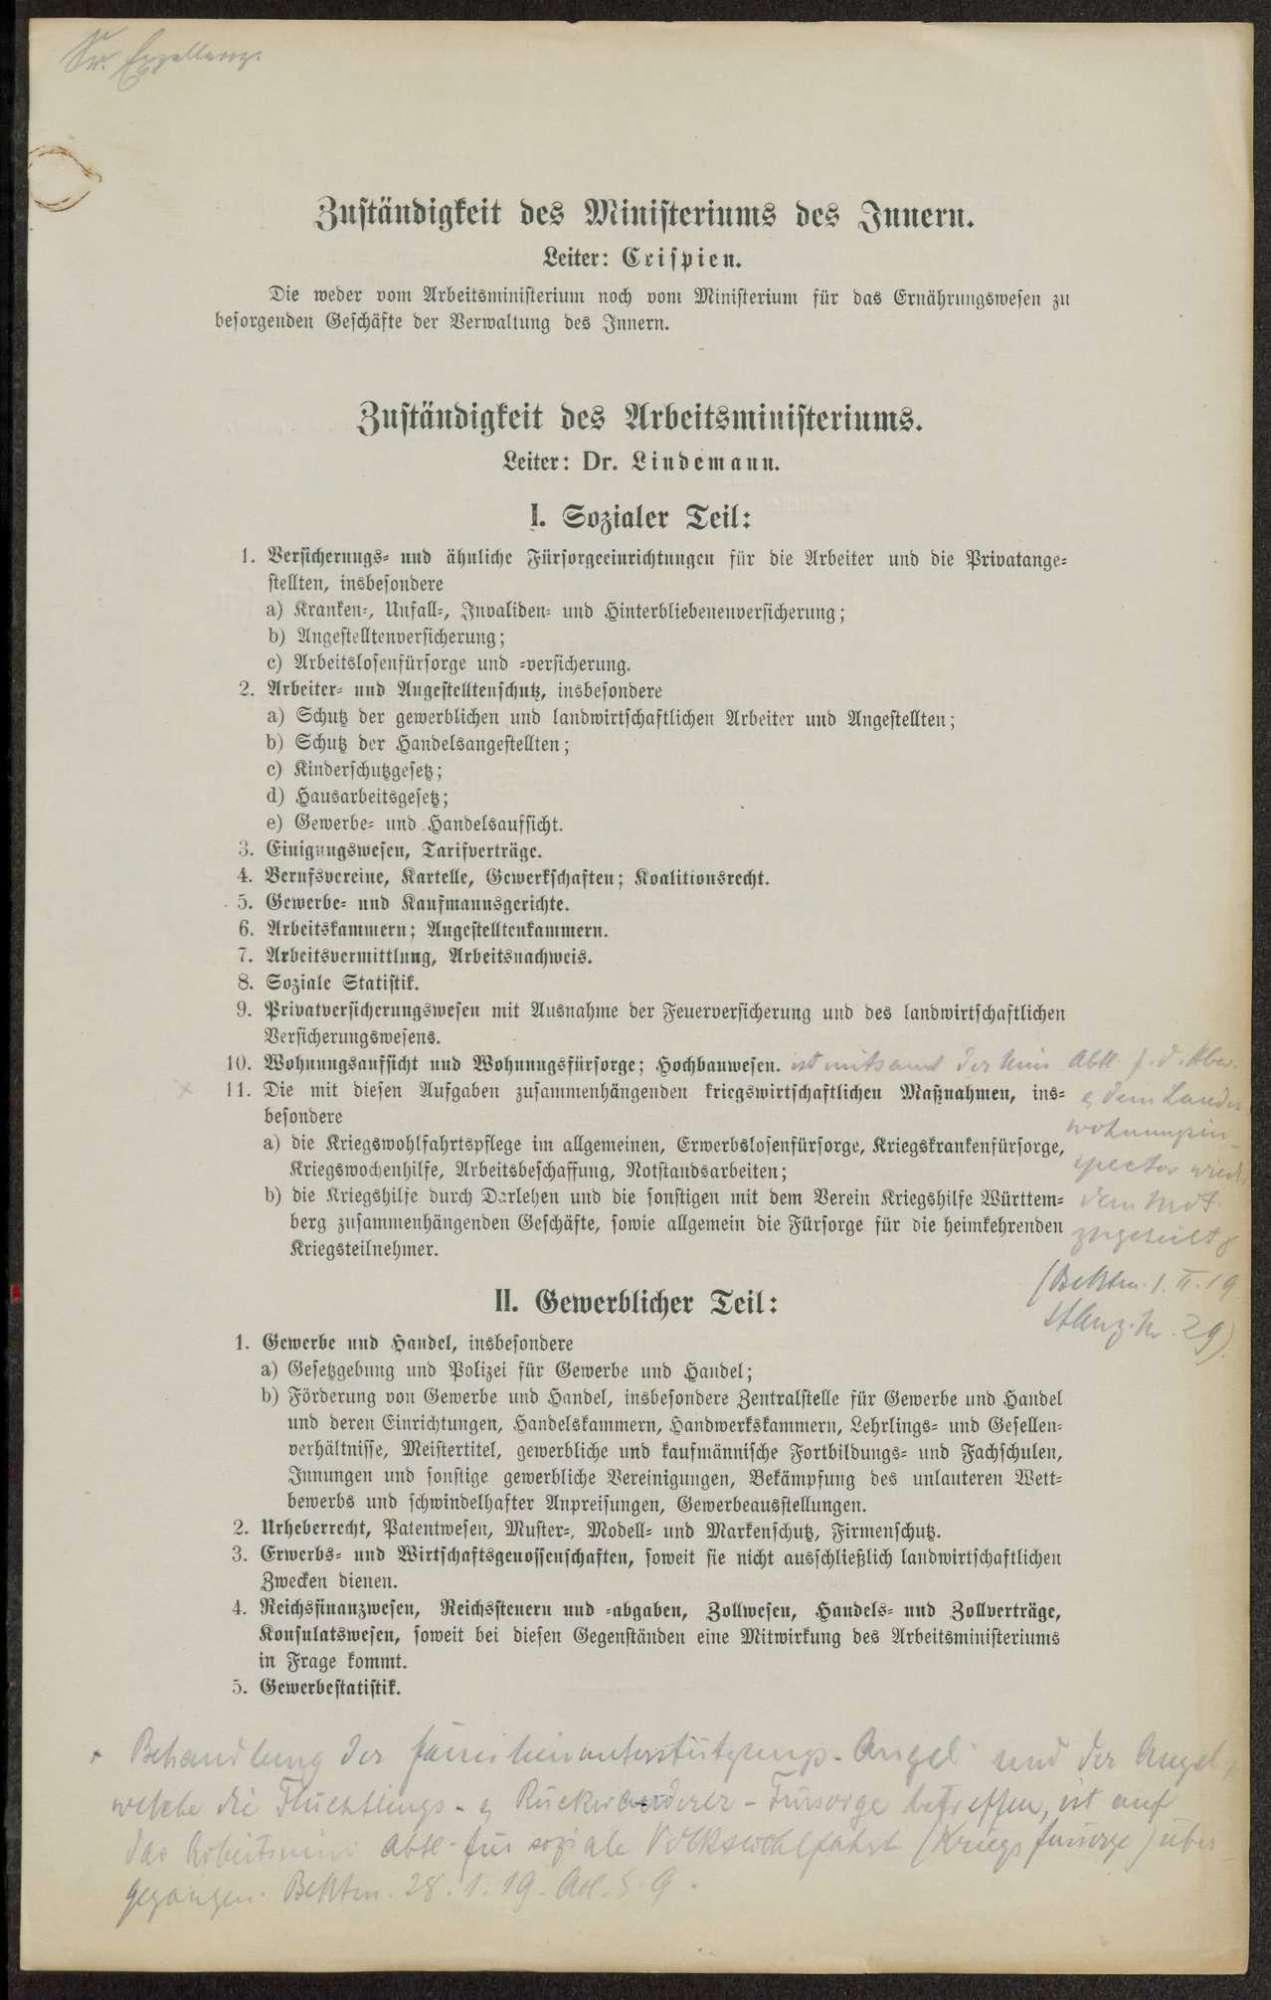 Geschäftsordnung im Ministerium des Innern, Bild 3